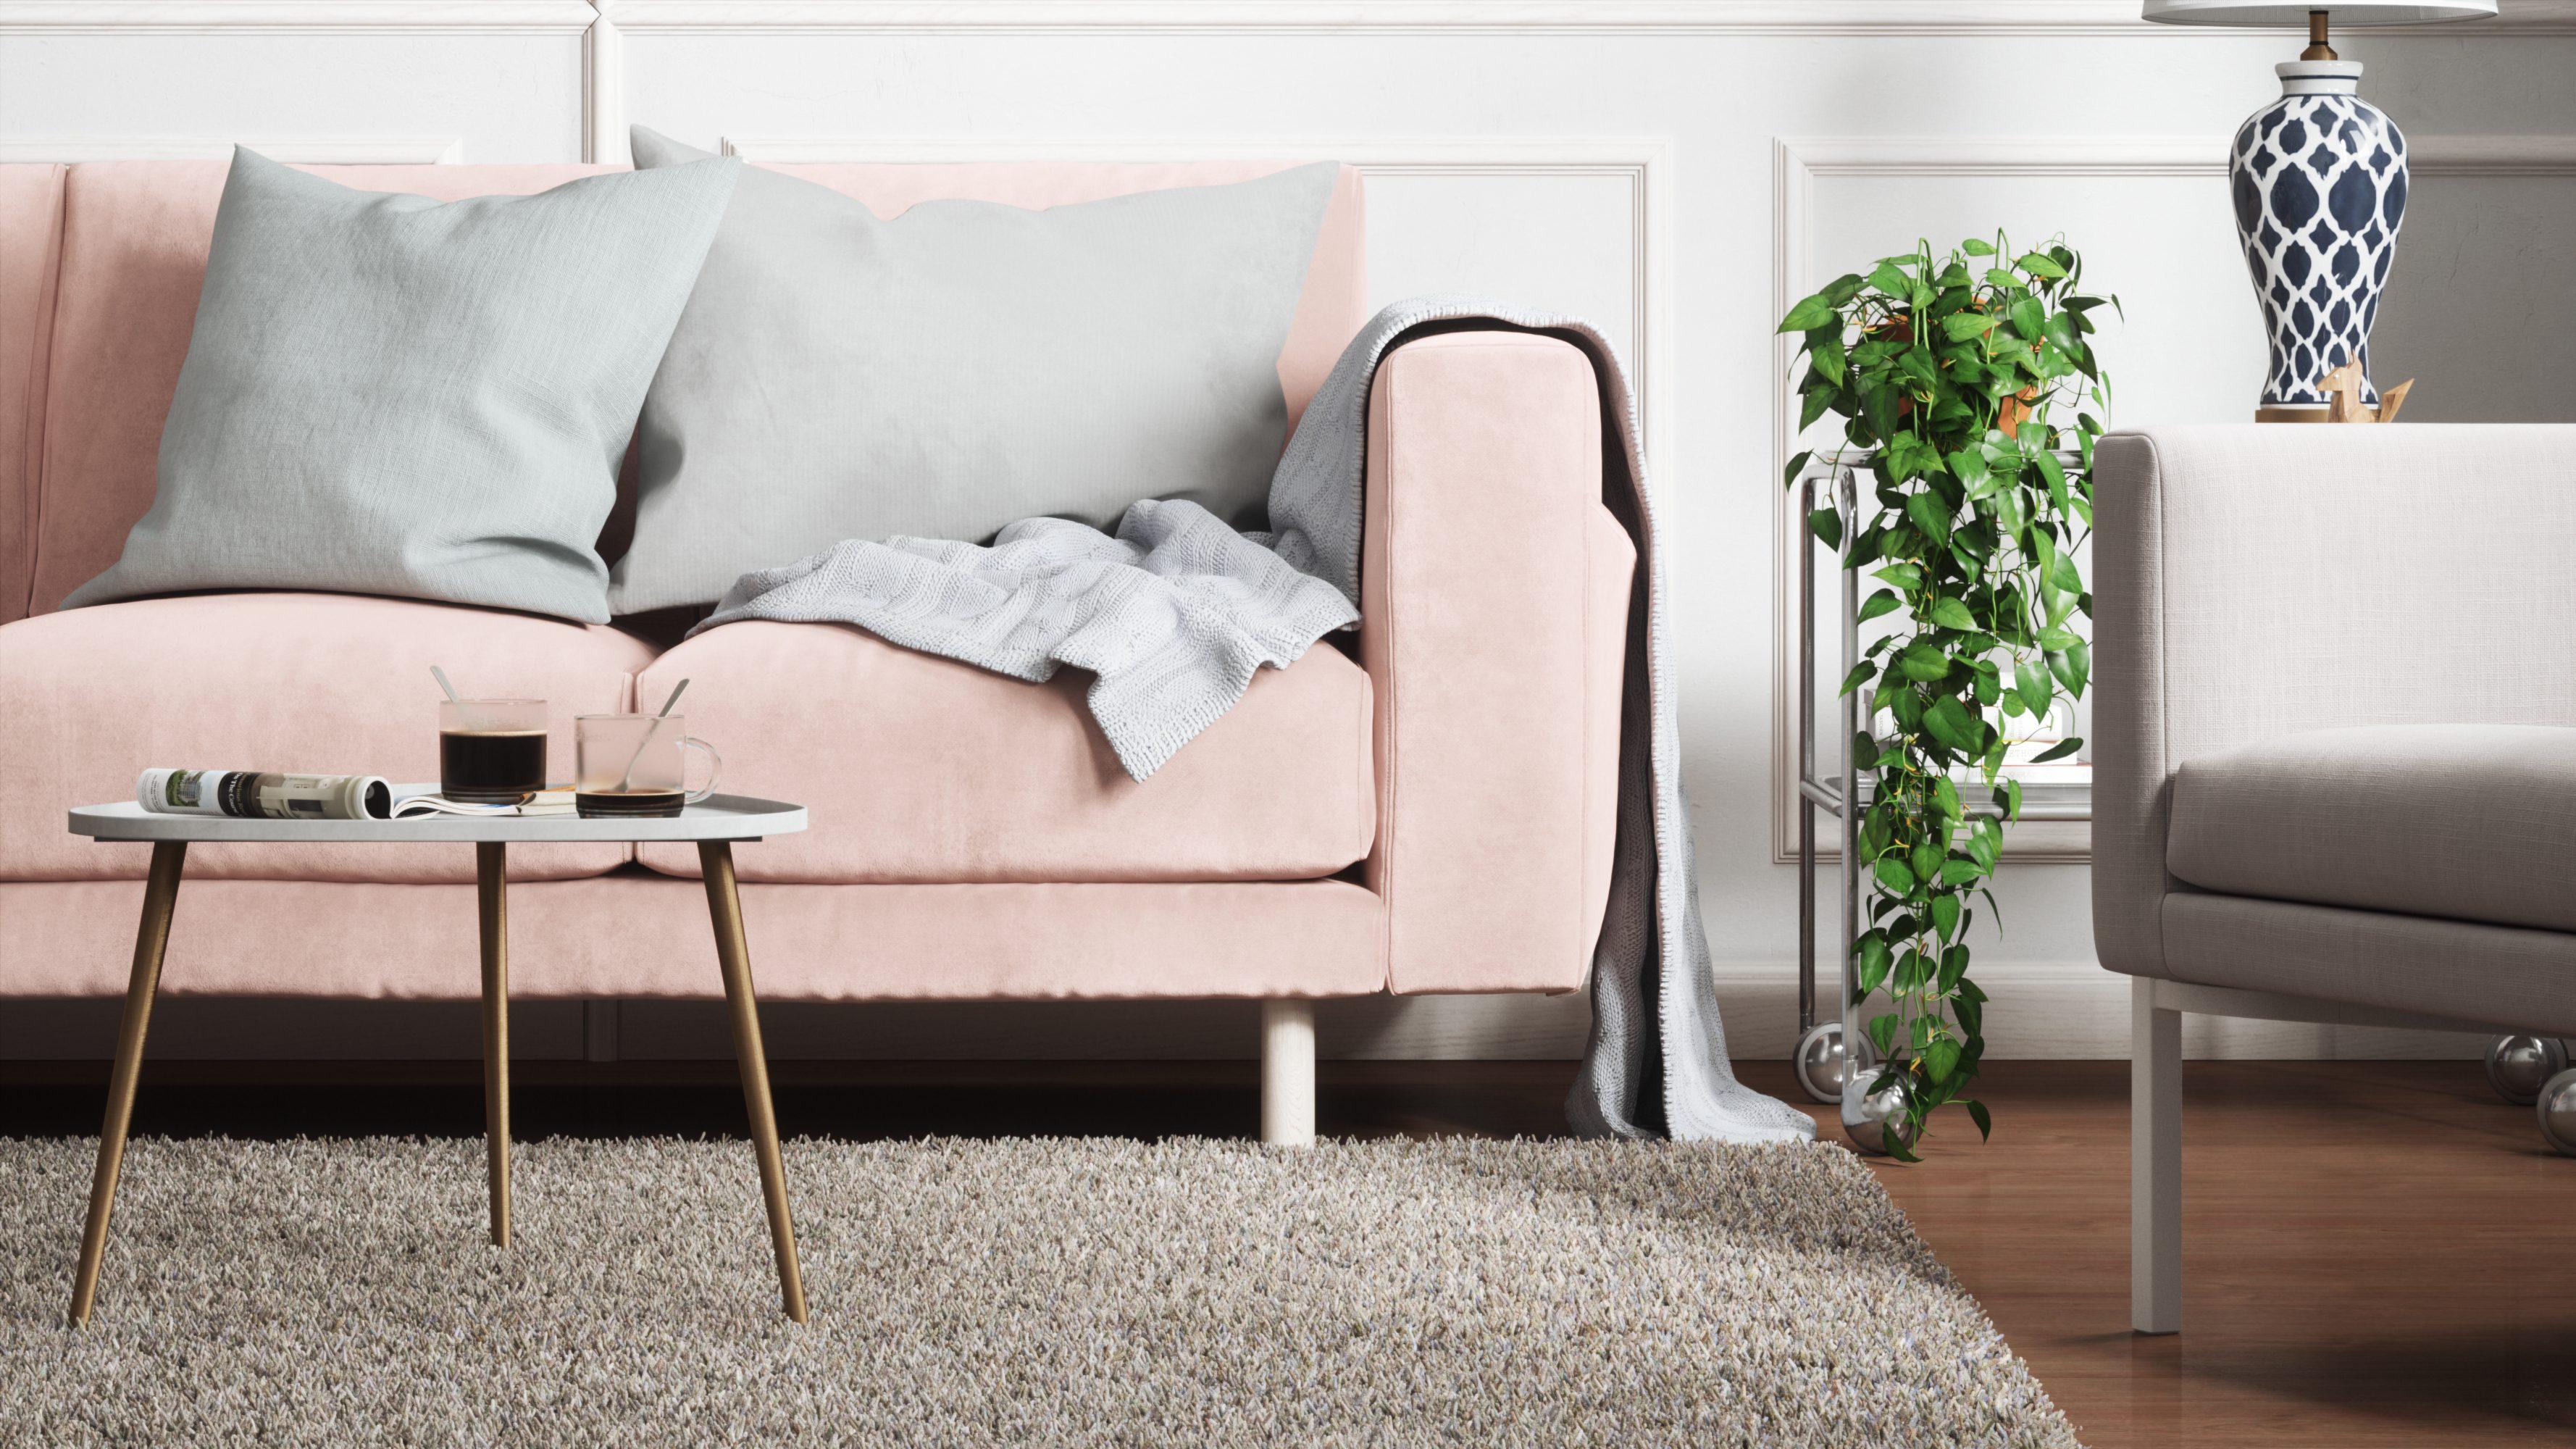 5 Ways To Make Your Sofa Spark Joy Again